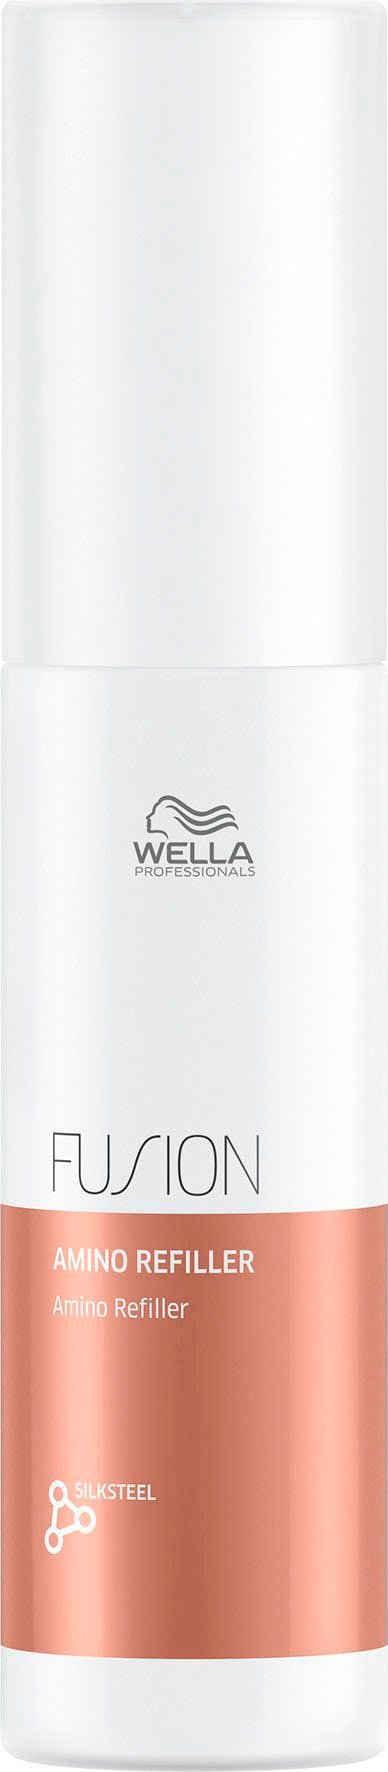 Wella Professionals Haarwasser »Fusion Intense Repair Amino Auffüller«, für geschädigte Haarpartien